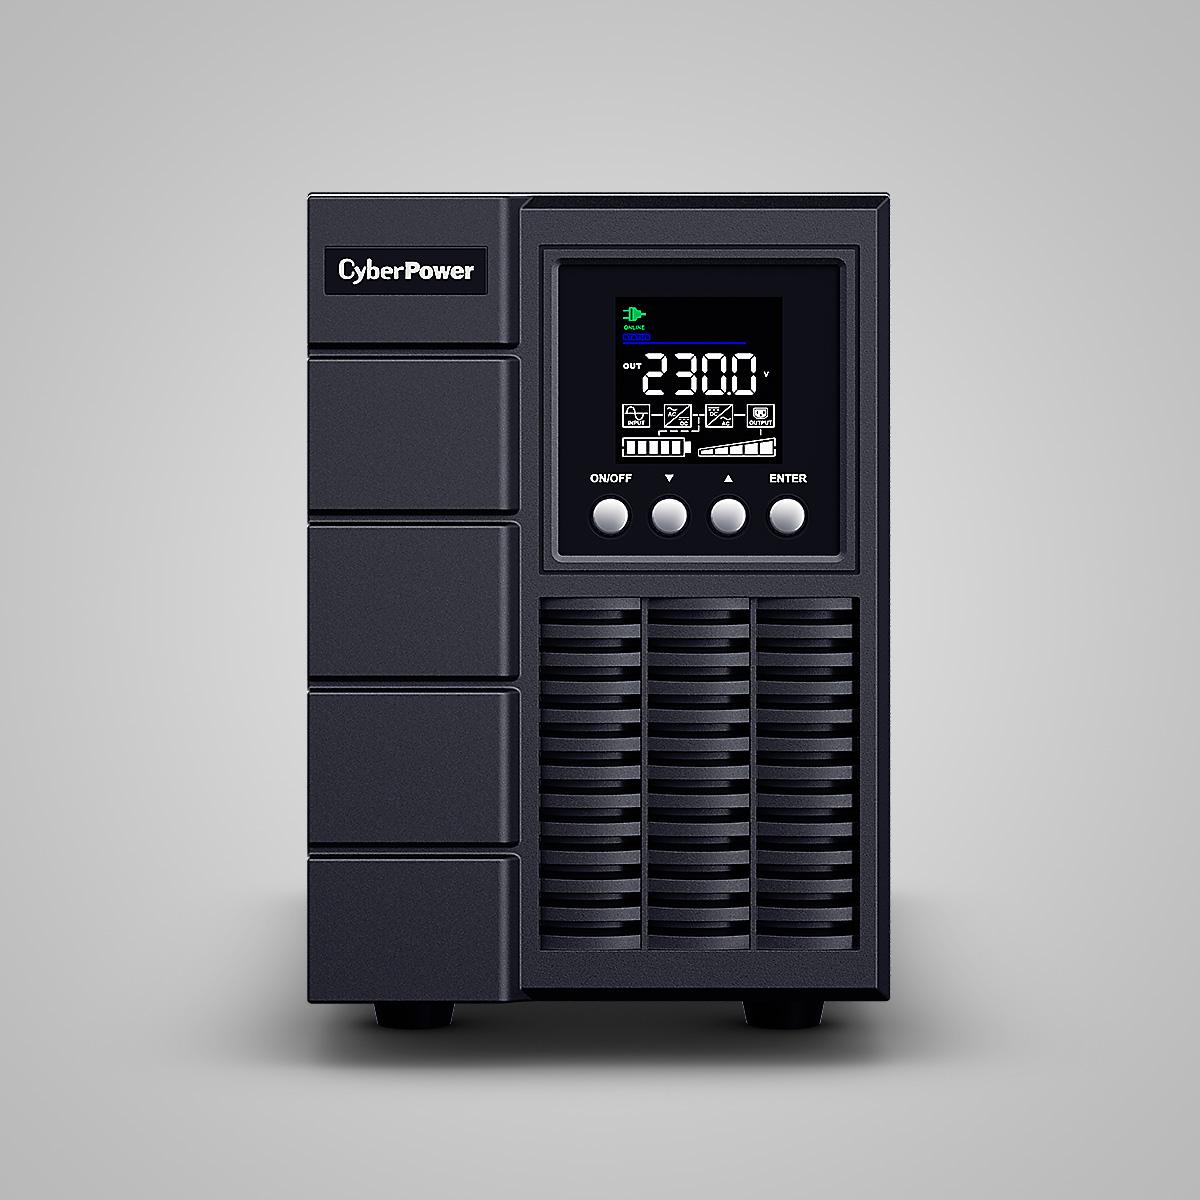 Bộ lưu điện thông minh Sóng Sine CyberPower OLS2000EA - 2000VA/1800W - Công nghệ Online chuyển đổi kép, màn hình LCD màu cao cấp, có thể điều khiển qua mạng - Hàng Chính Hãng